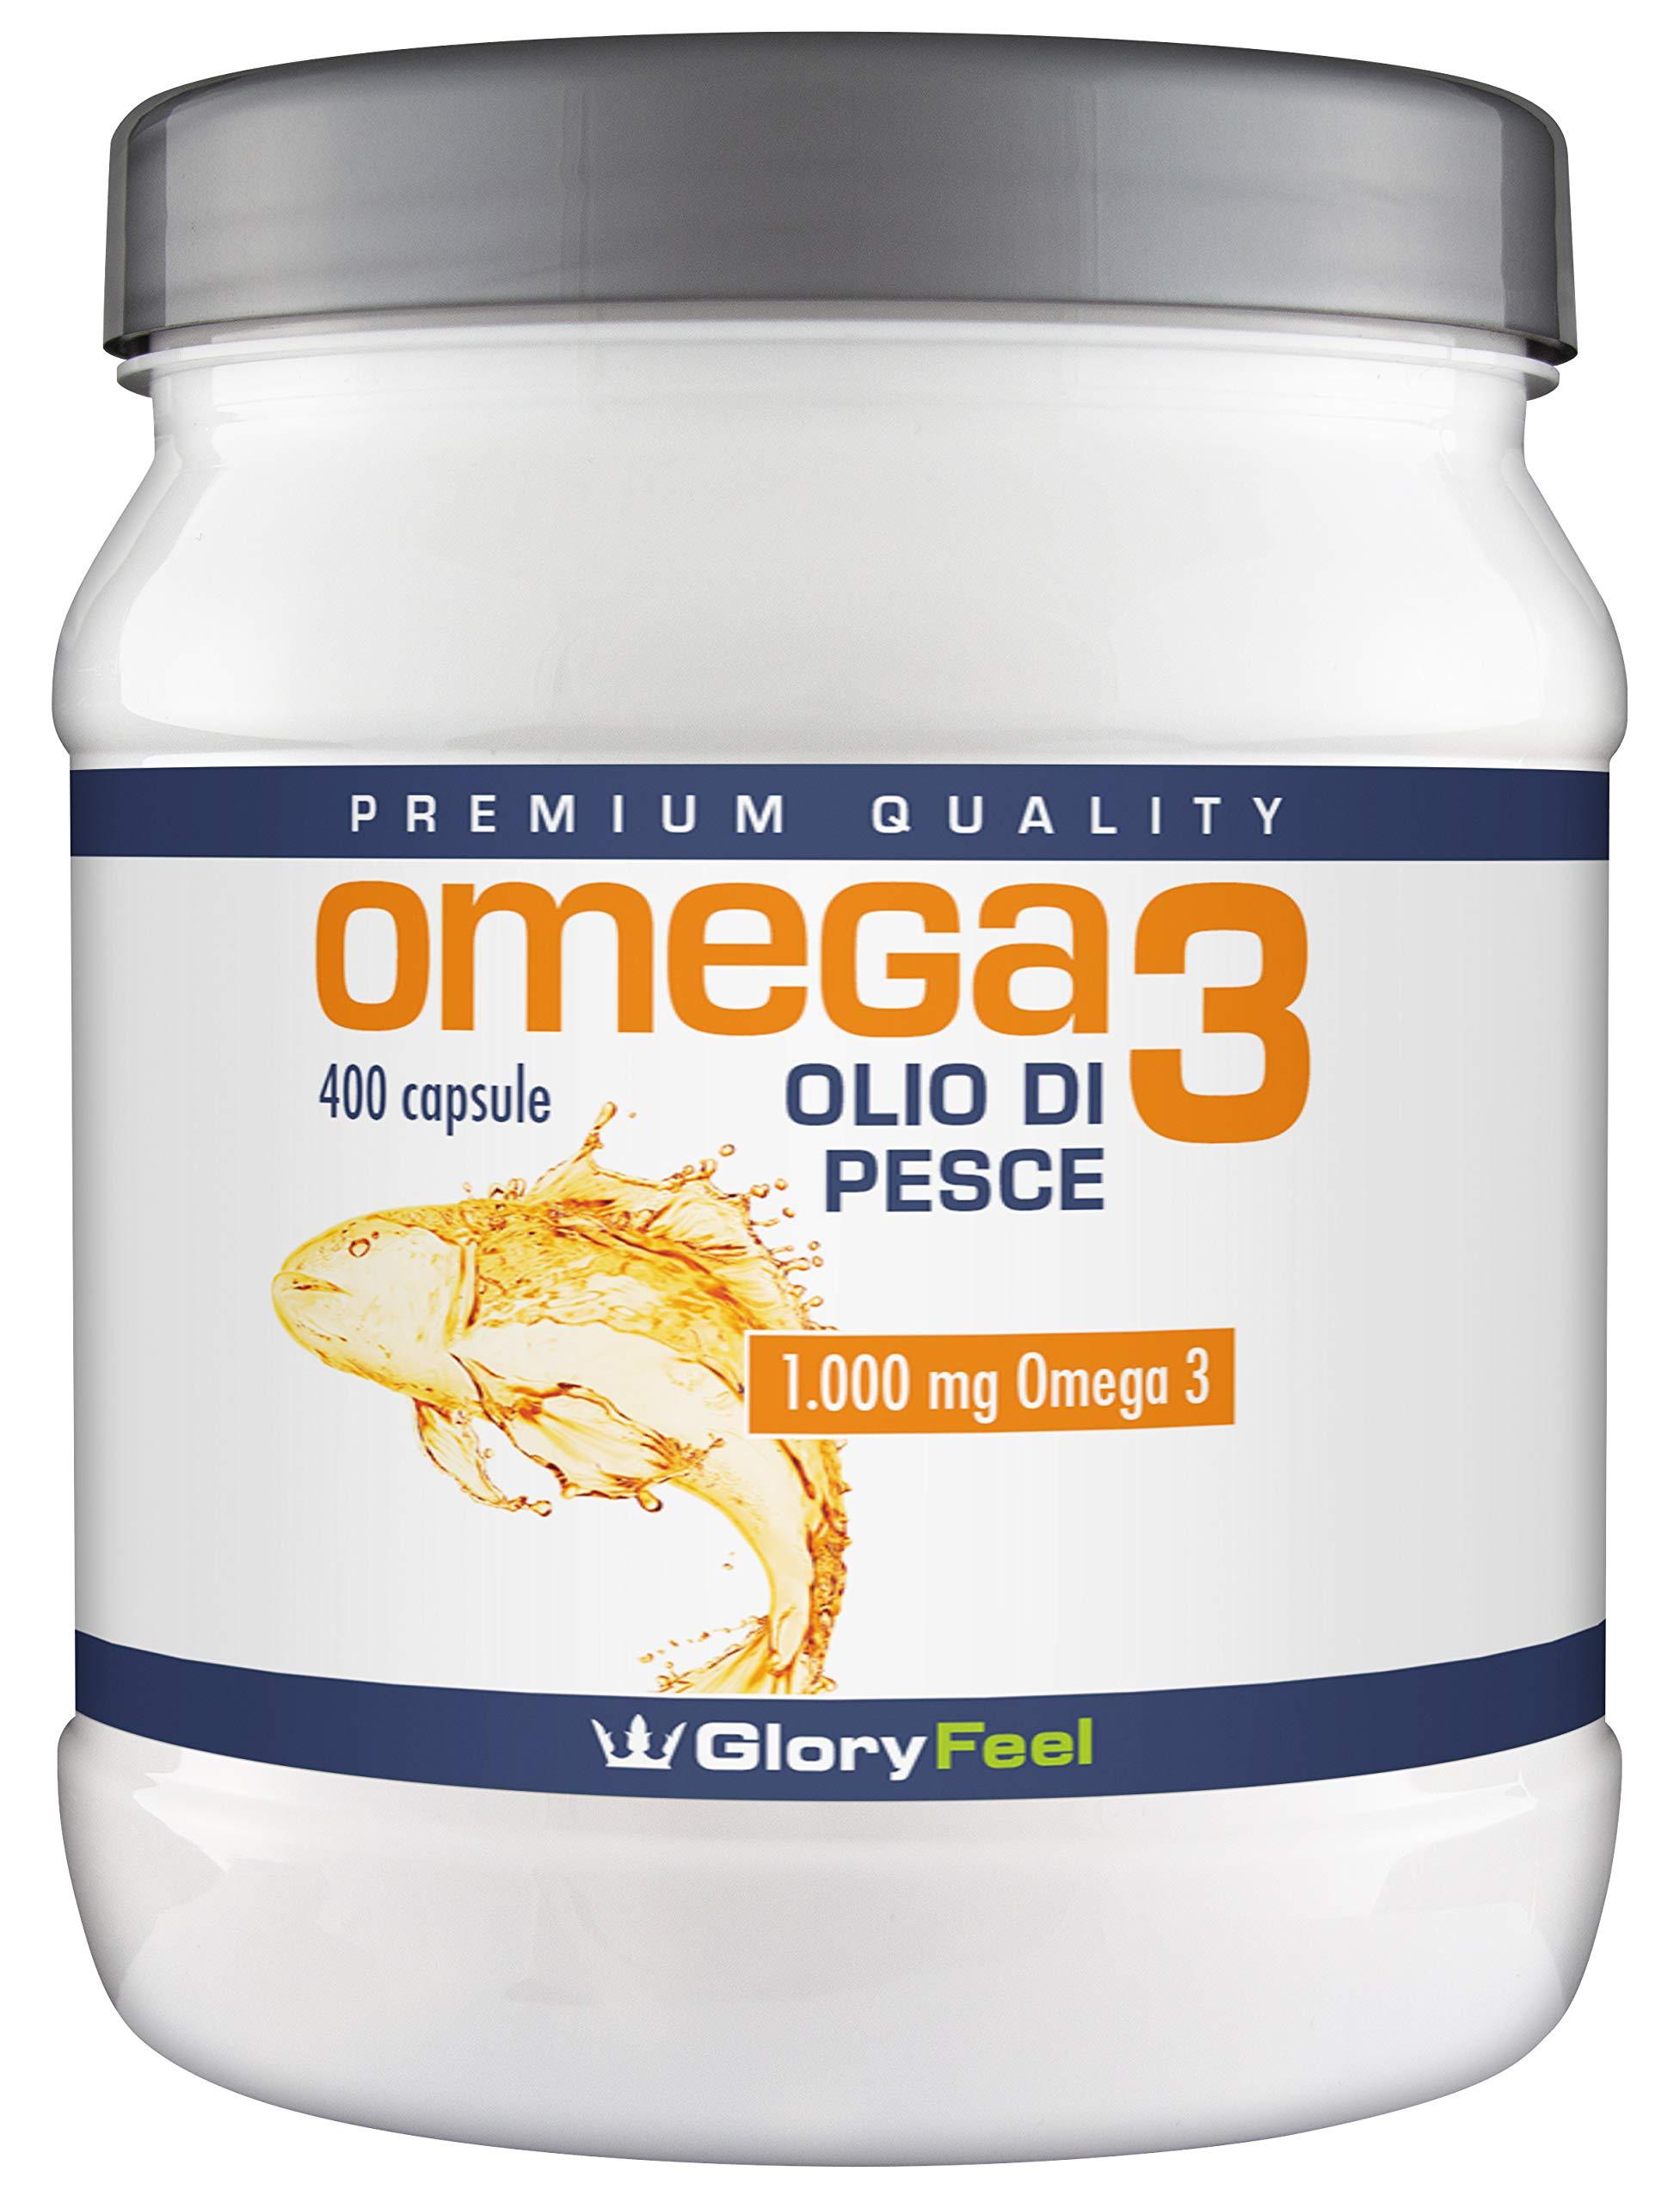 l olio di pesce omega 3 brucia grassi